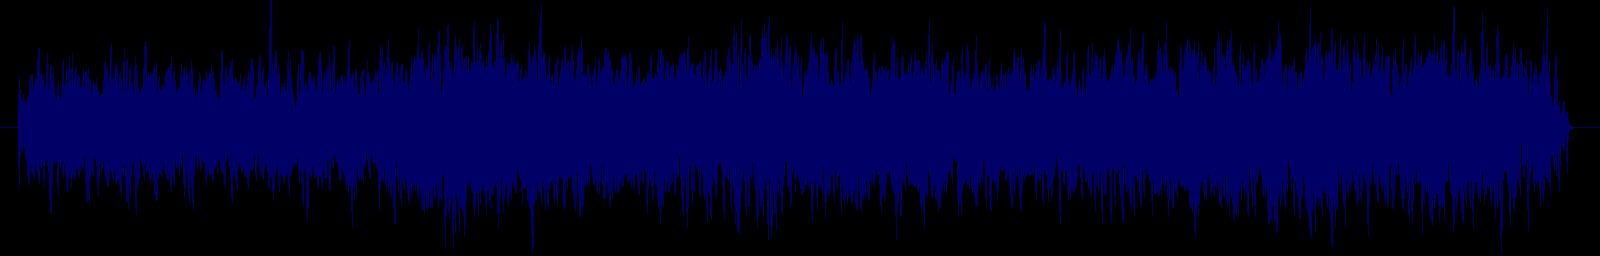 waveform of track #148941